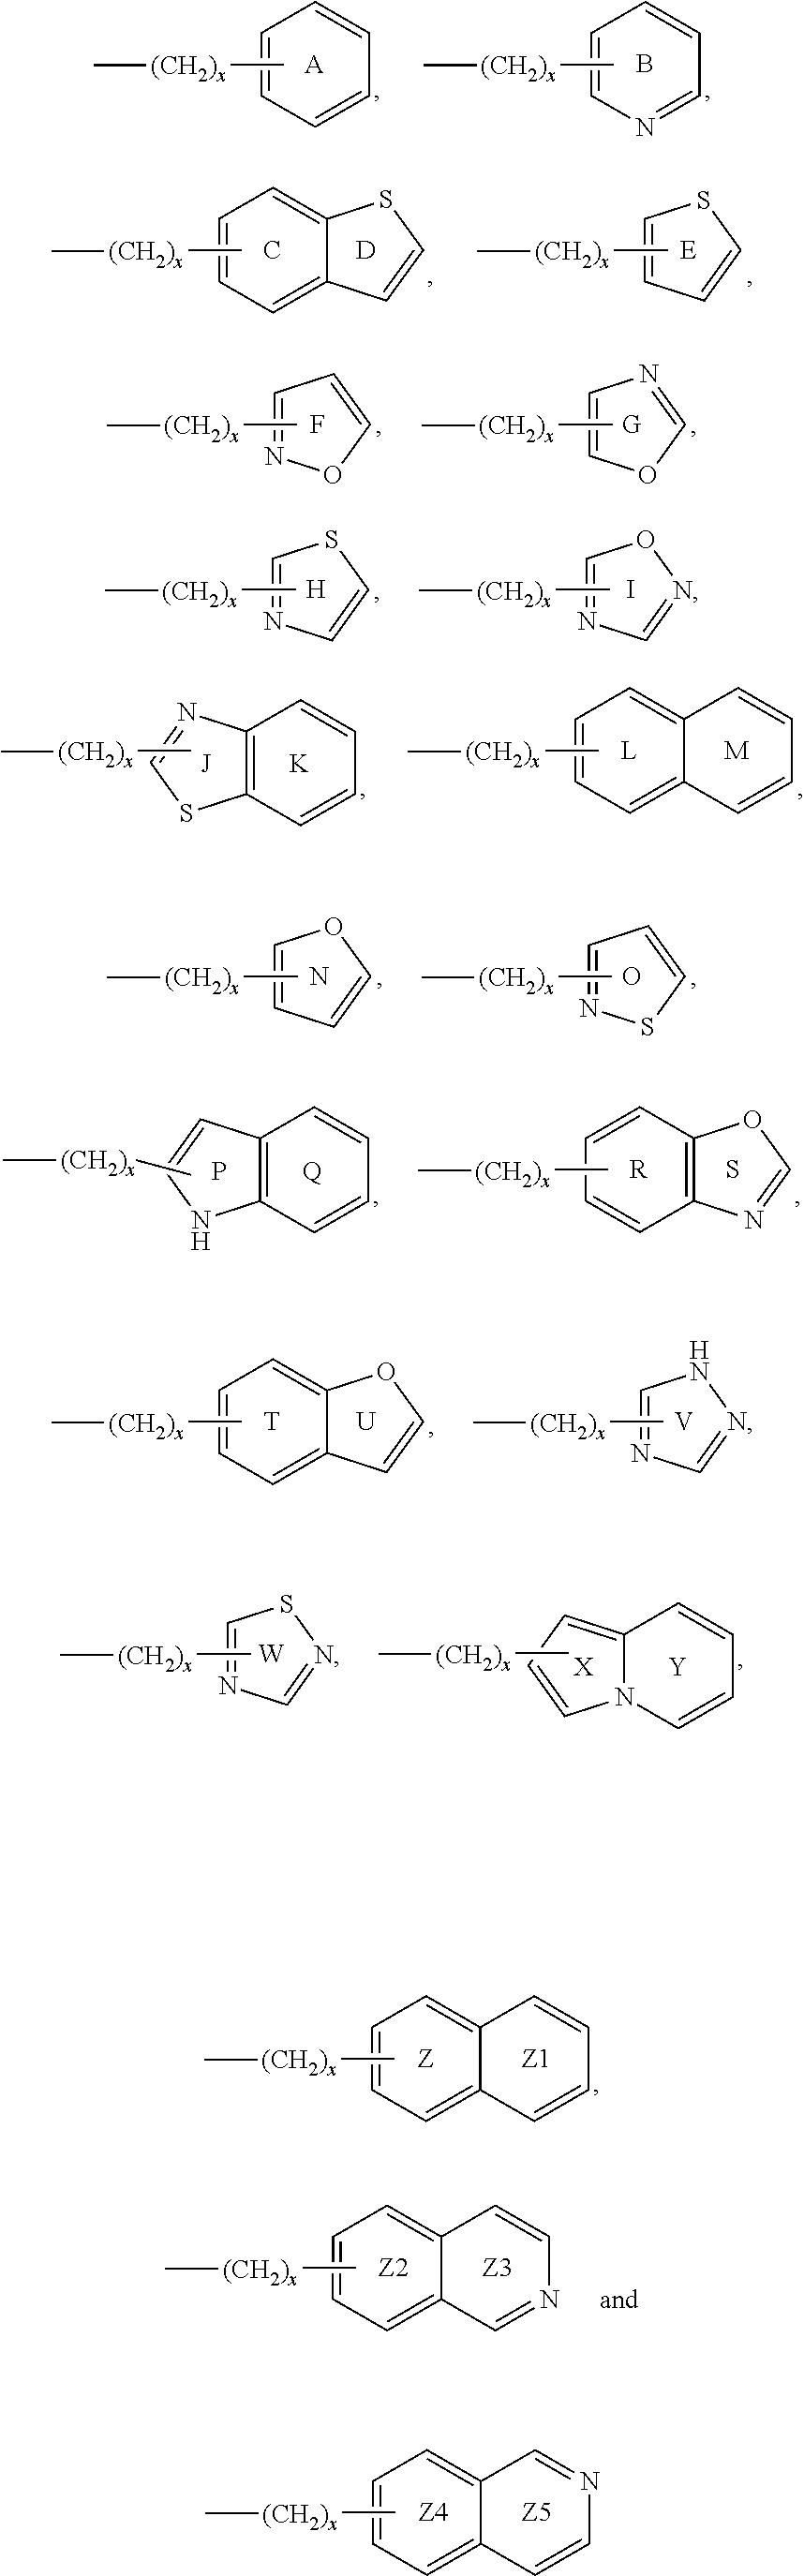 Figure US09272996-20160301-C00004